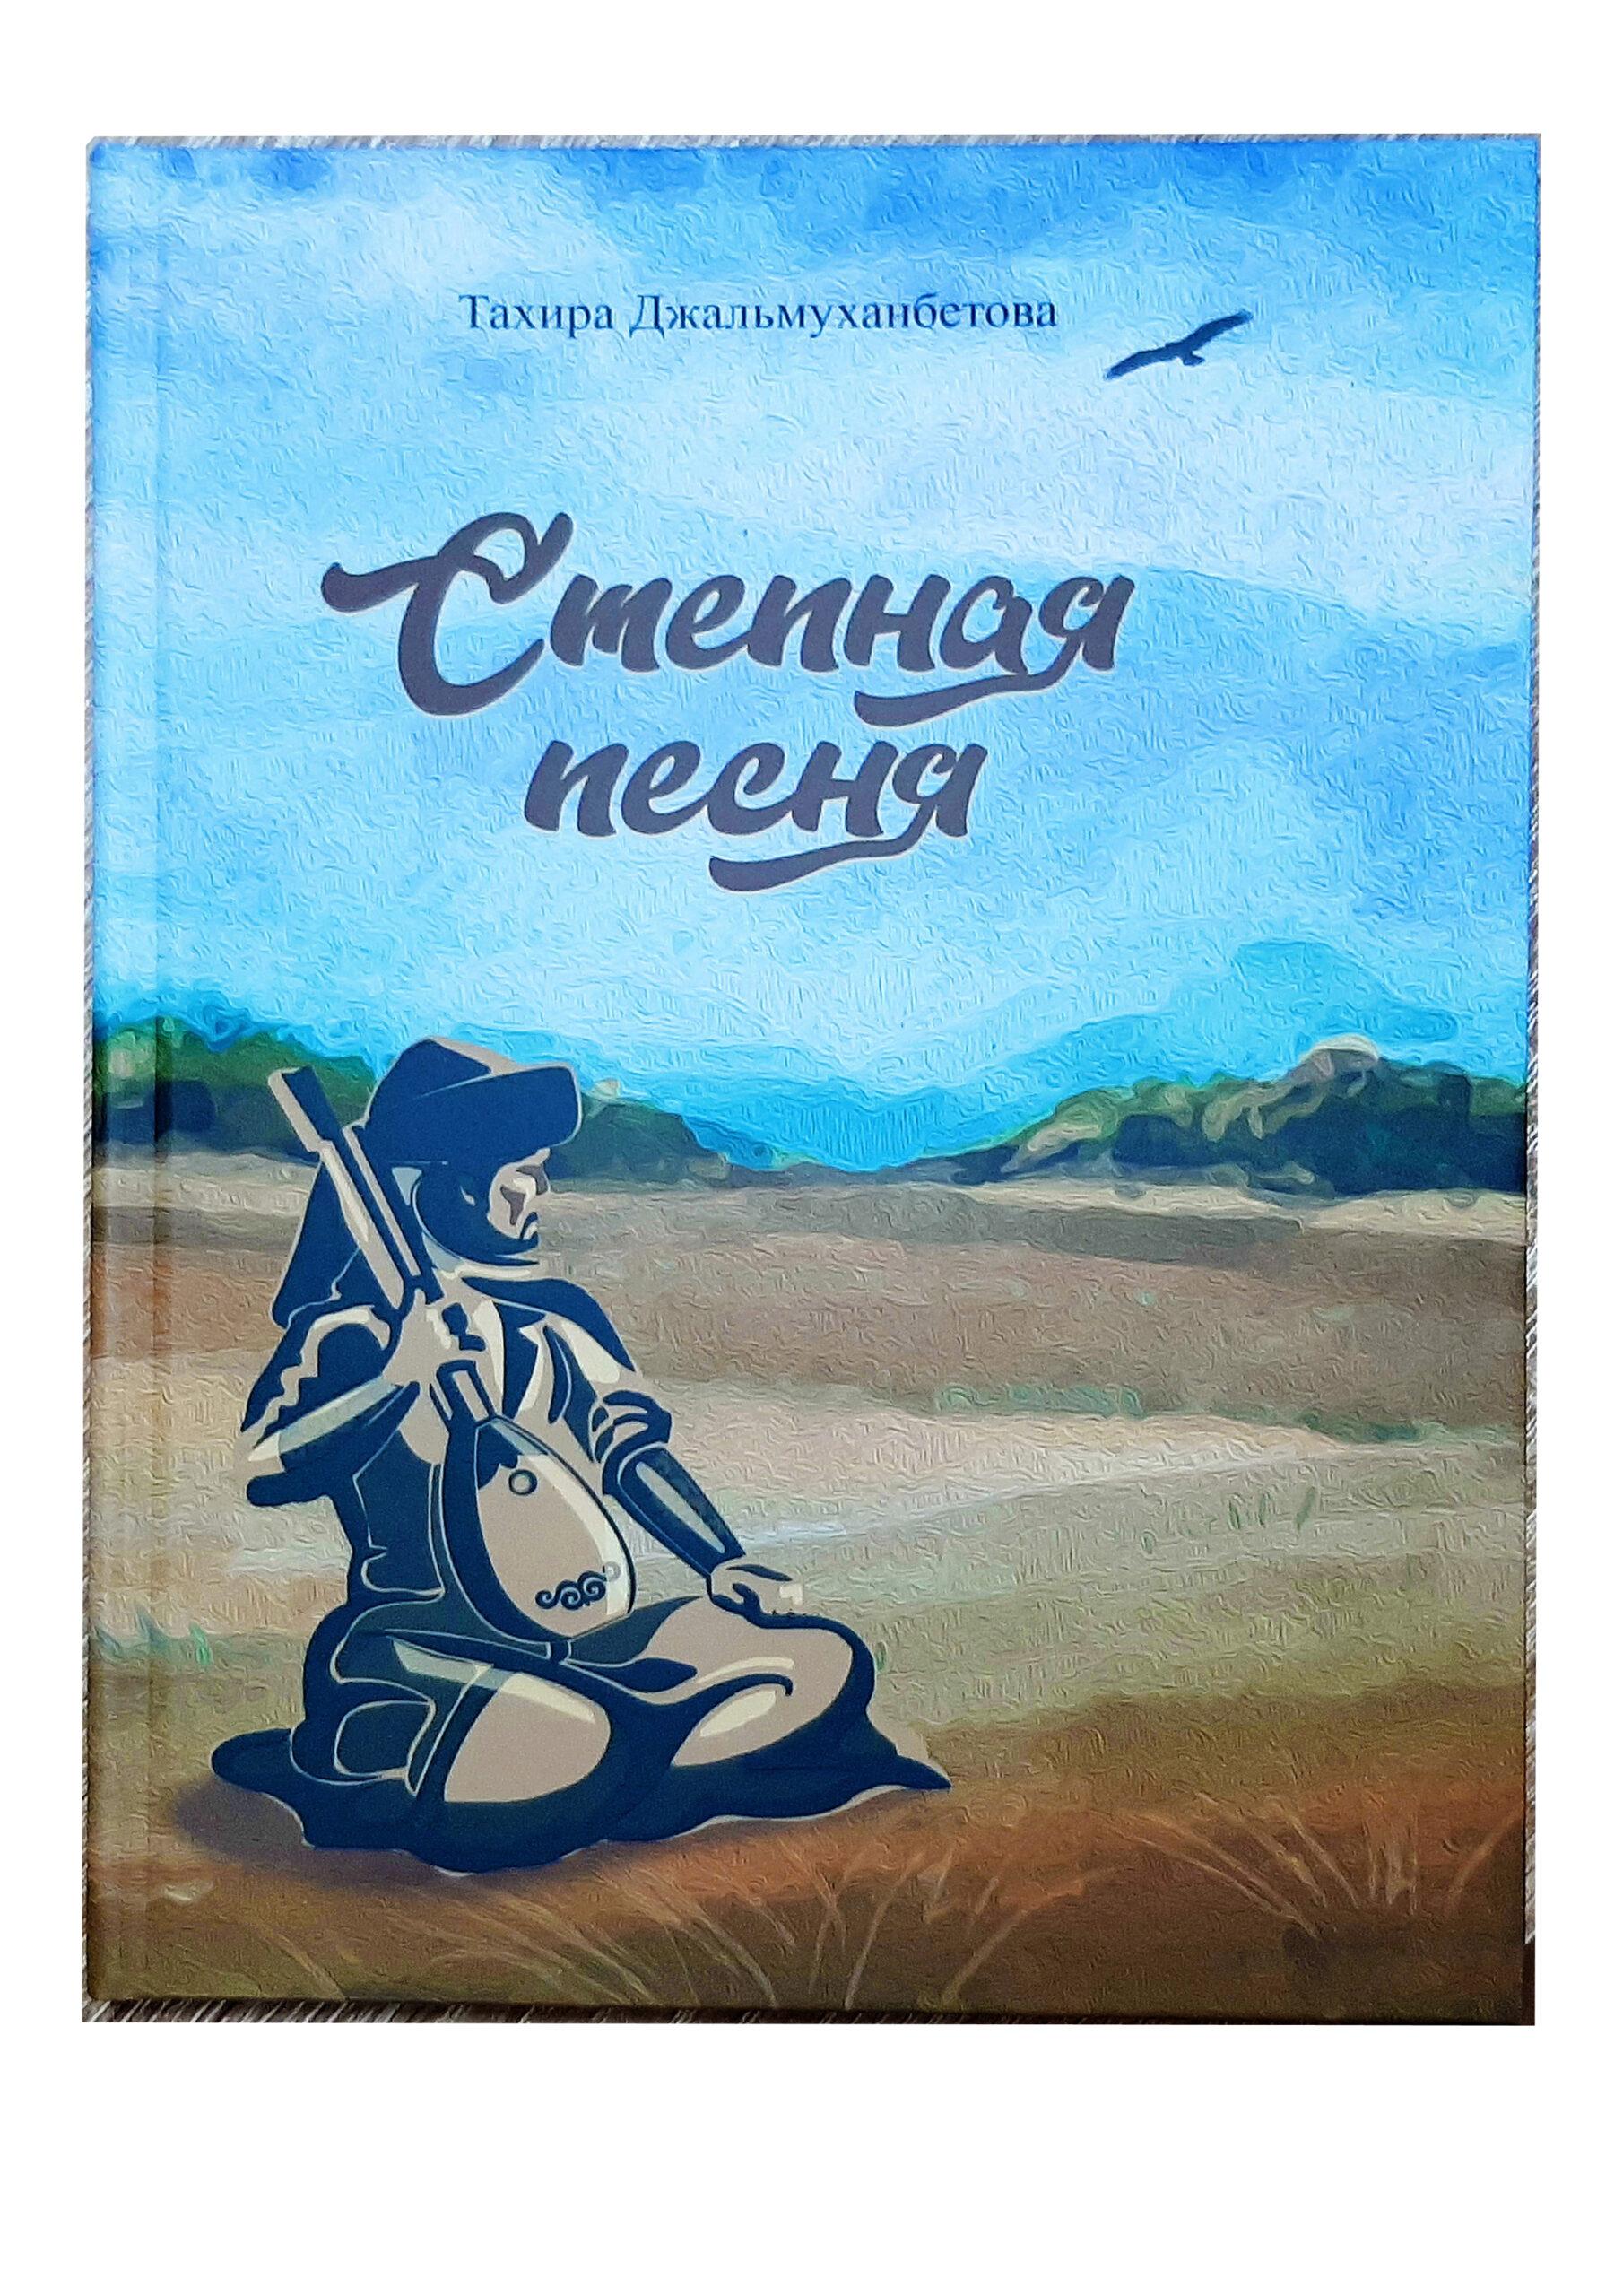 В Доме дружбы состоялась презентация сборника стихов Тахиры  Джальмуханбетовой